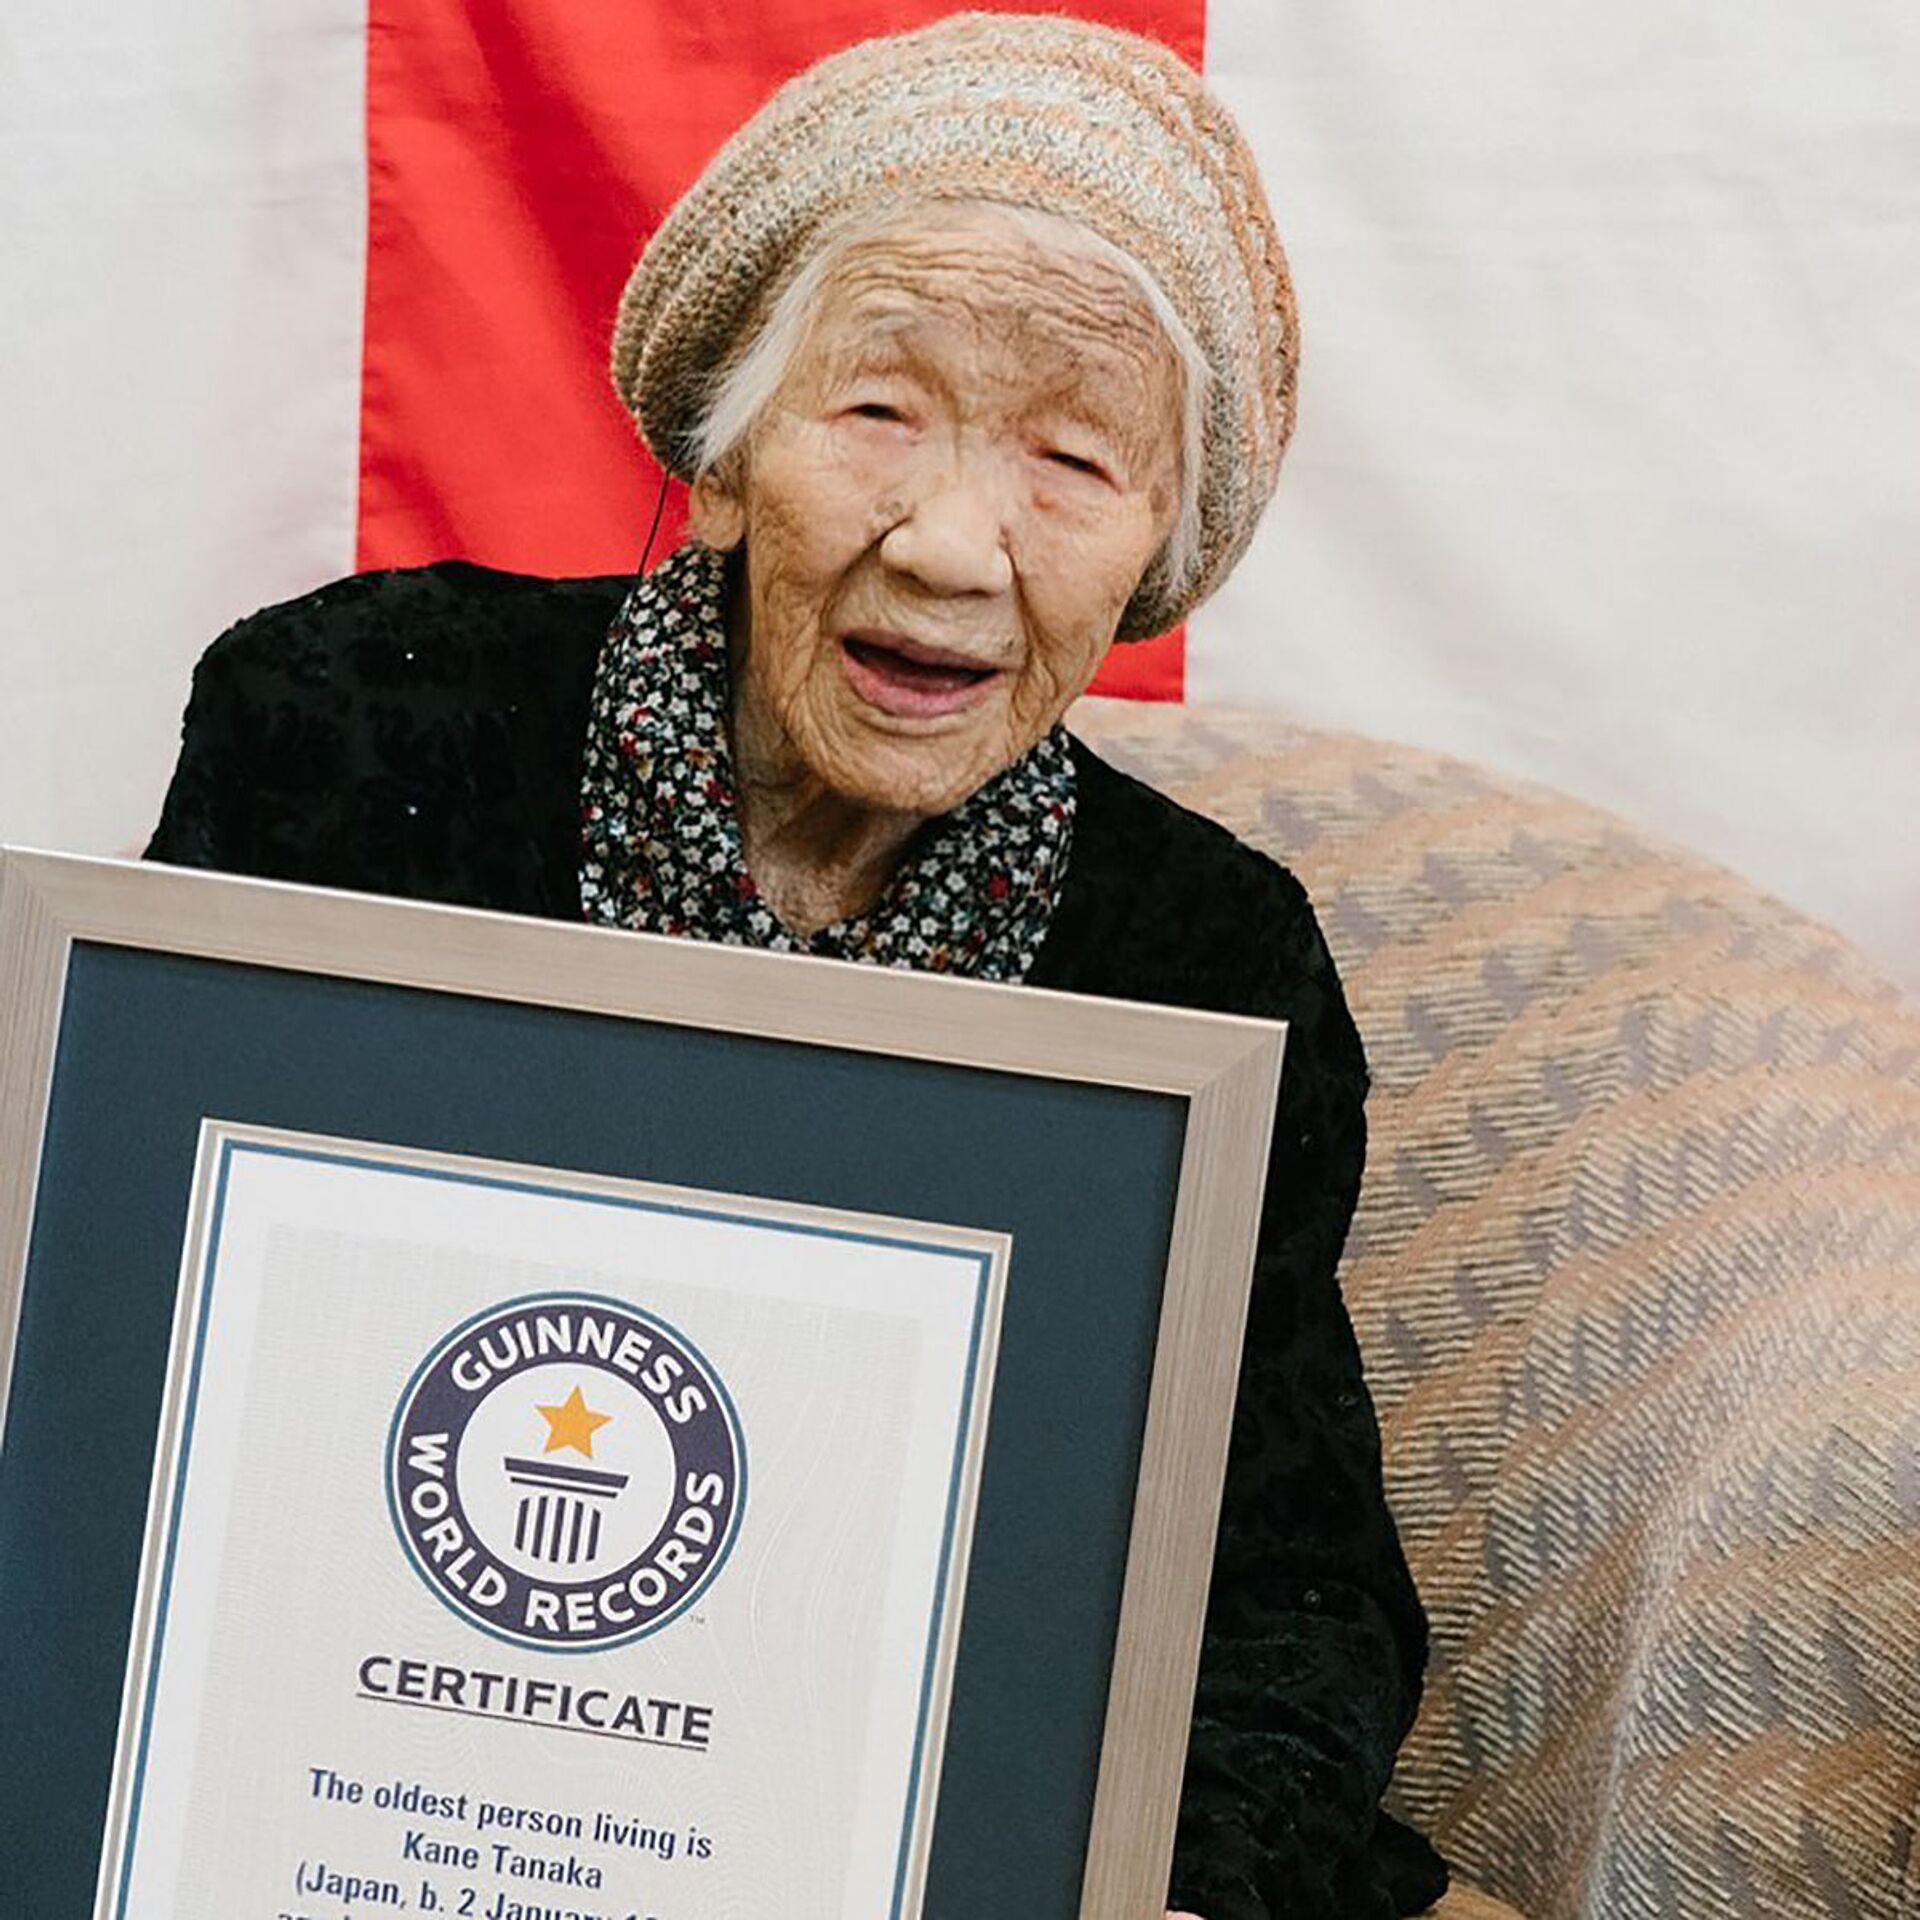 118 anni ed essere tedofora alle Olimpiadi di Tokyo 2020 (2021) - Foto - Sputnik Italia, 1920, 05.03.2021